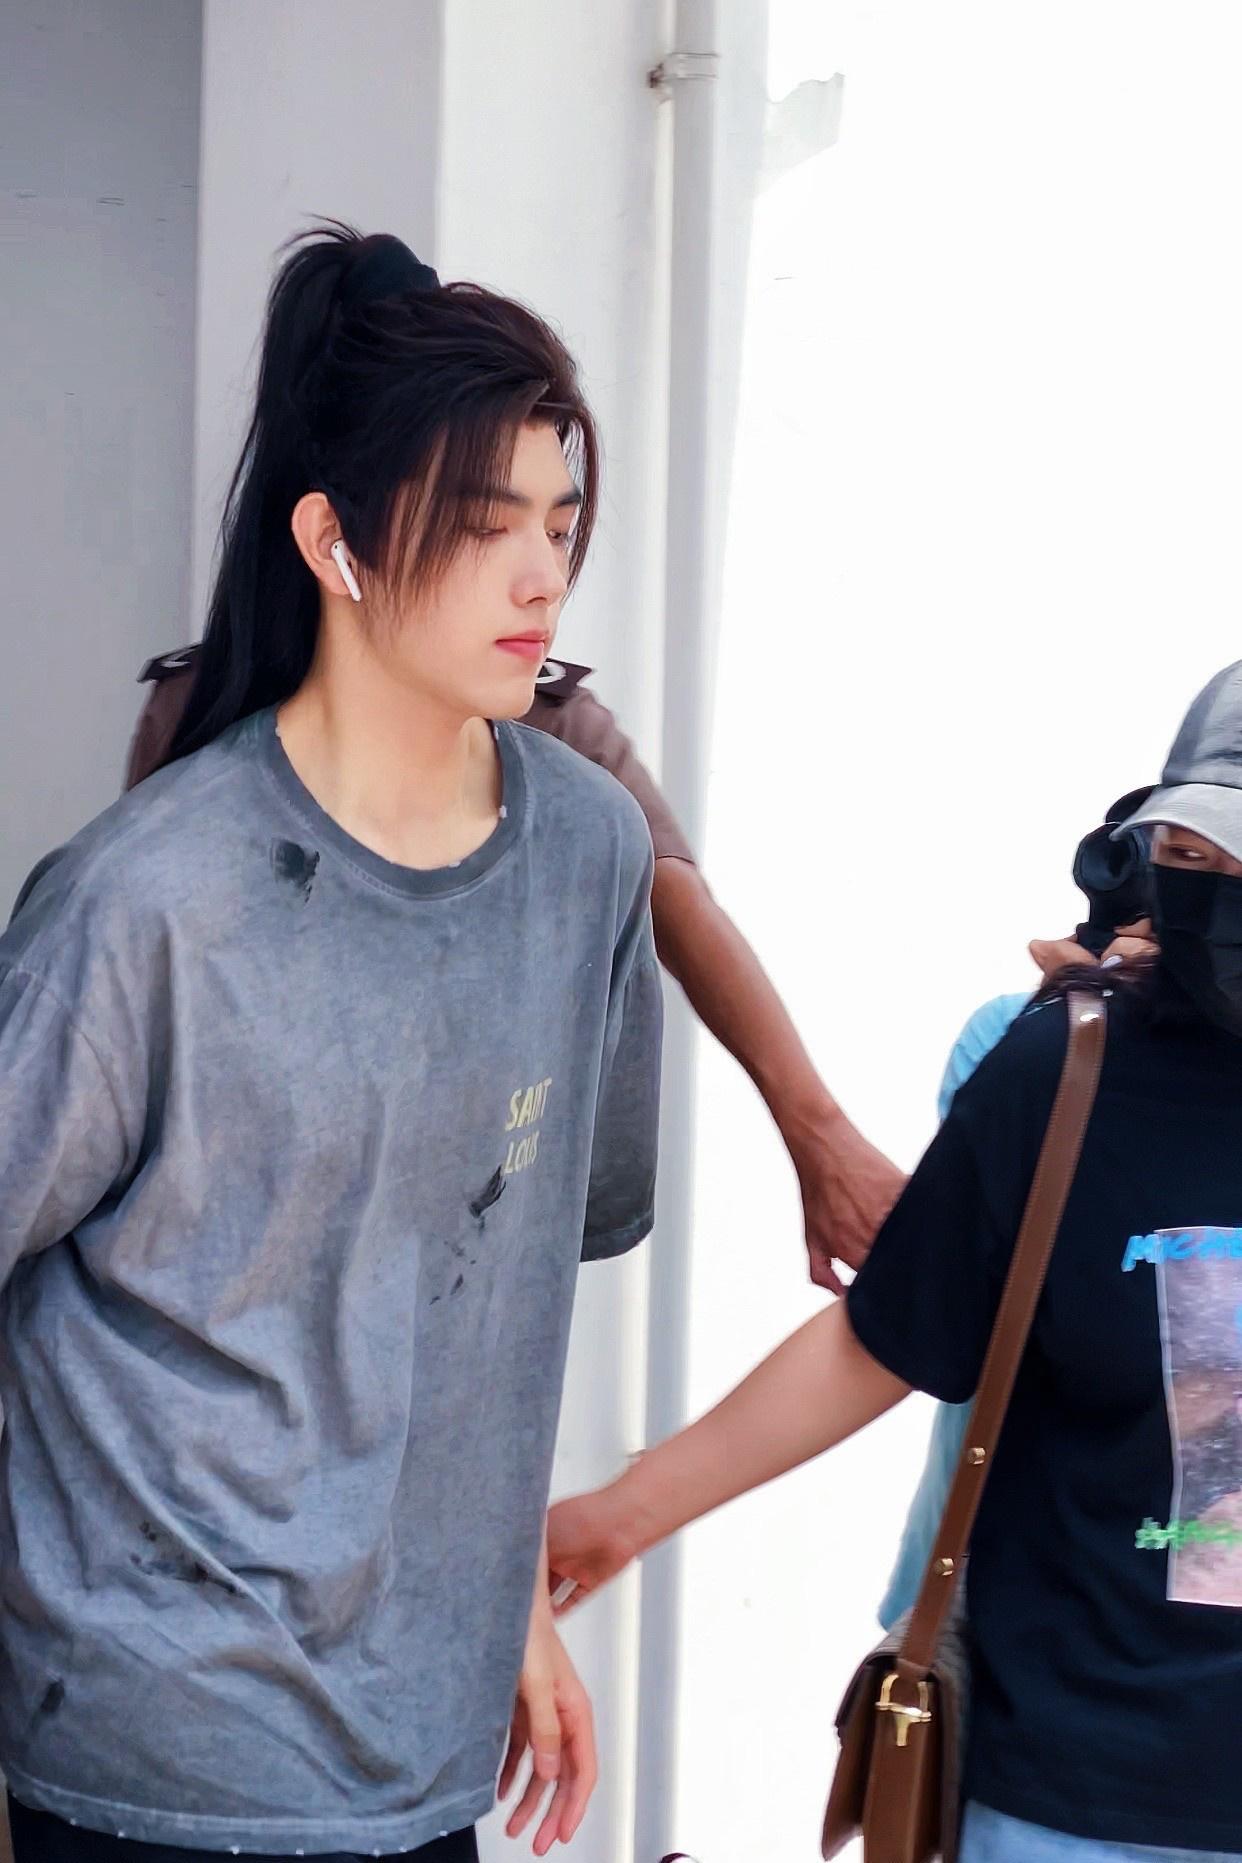 欧博app:陈飞宇《皓衣行》上班路透 古装发型配T恤有内味